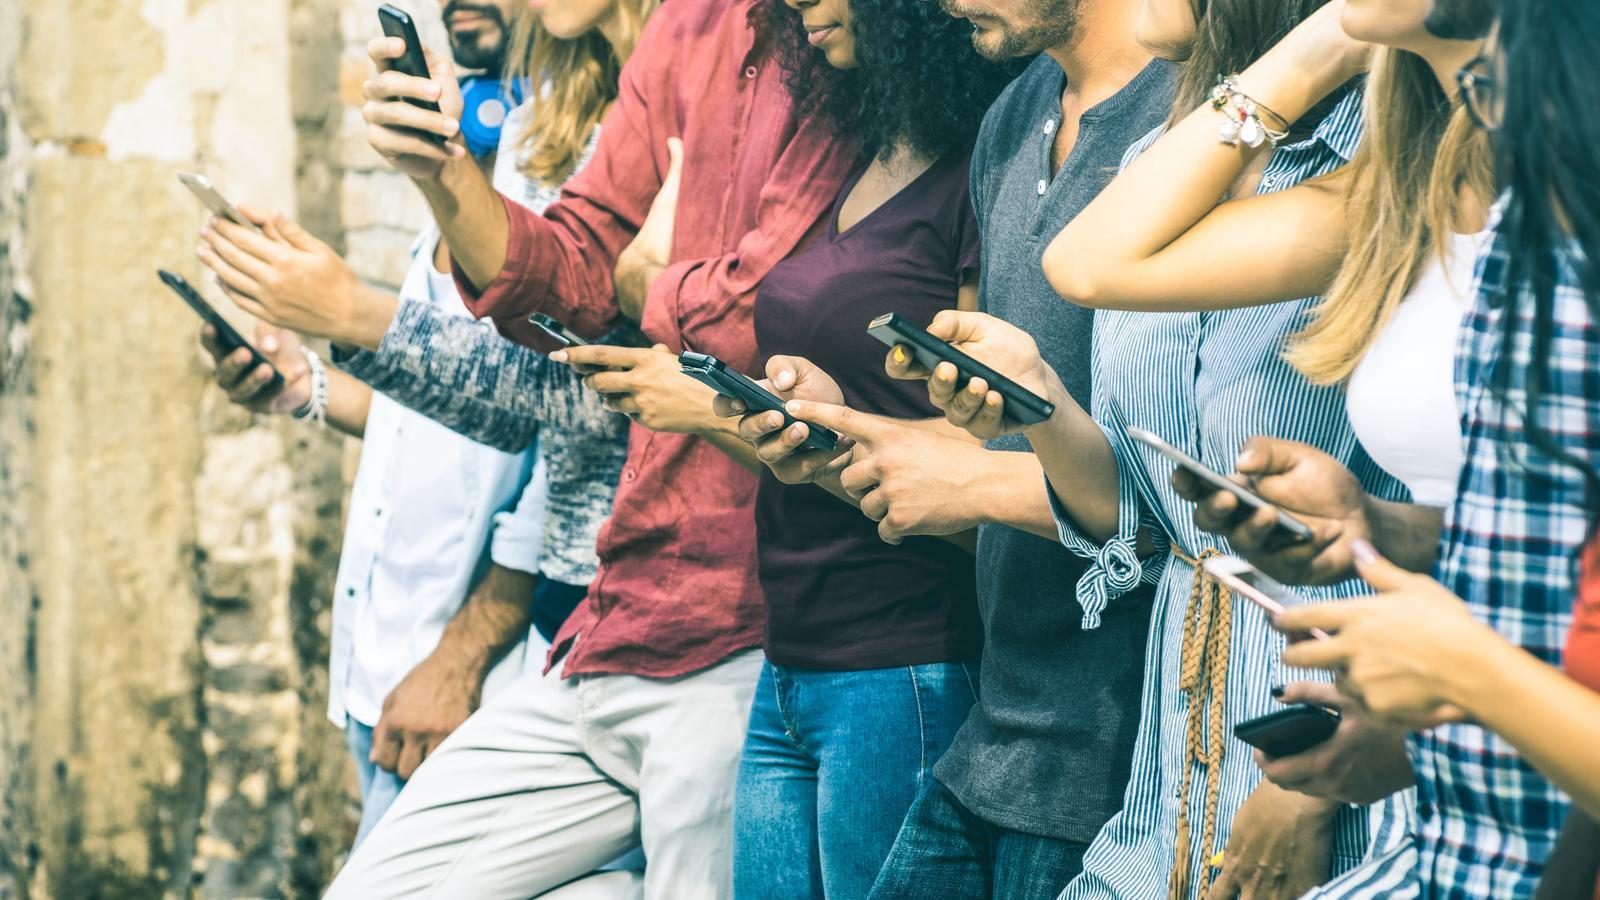 Aplis per desenganxar-se del mòbil, la paradoxa actual